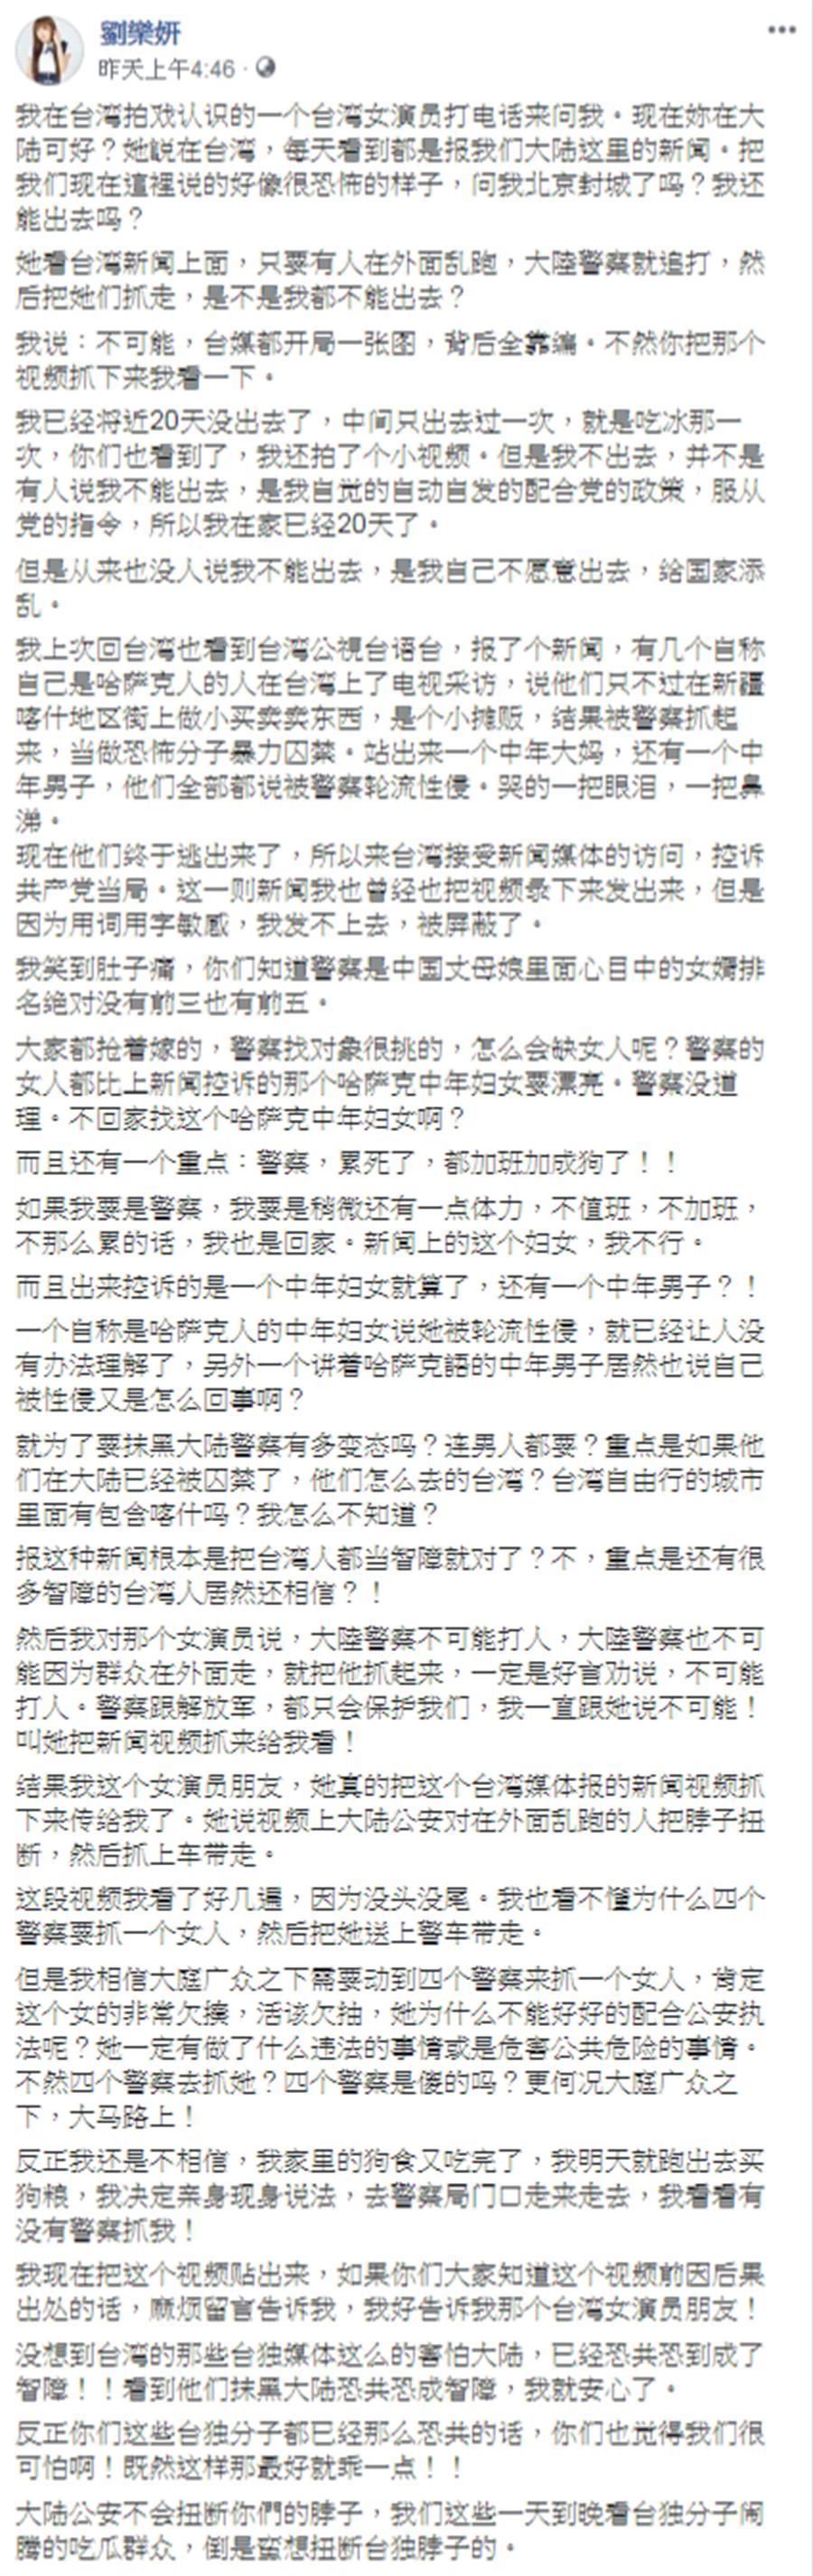 劉樂妍臉書全文。(圖/劉樂妍臉書全文)